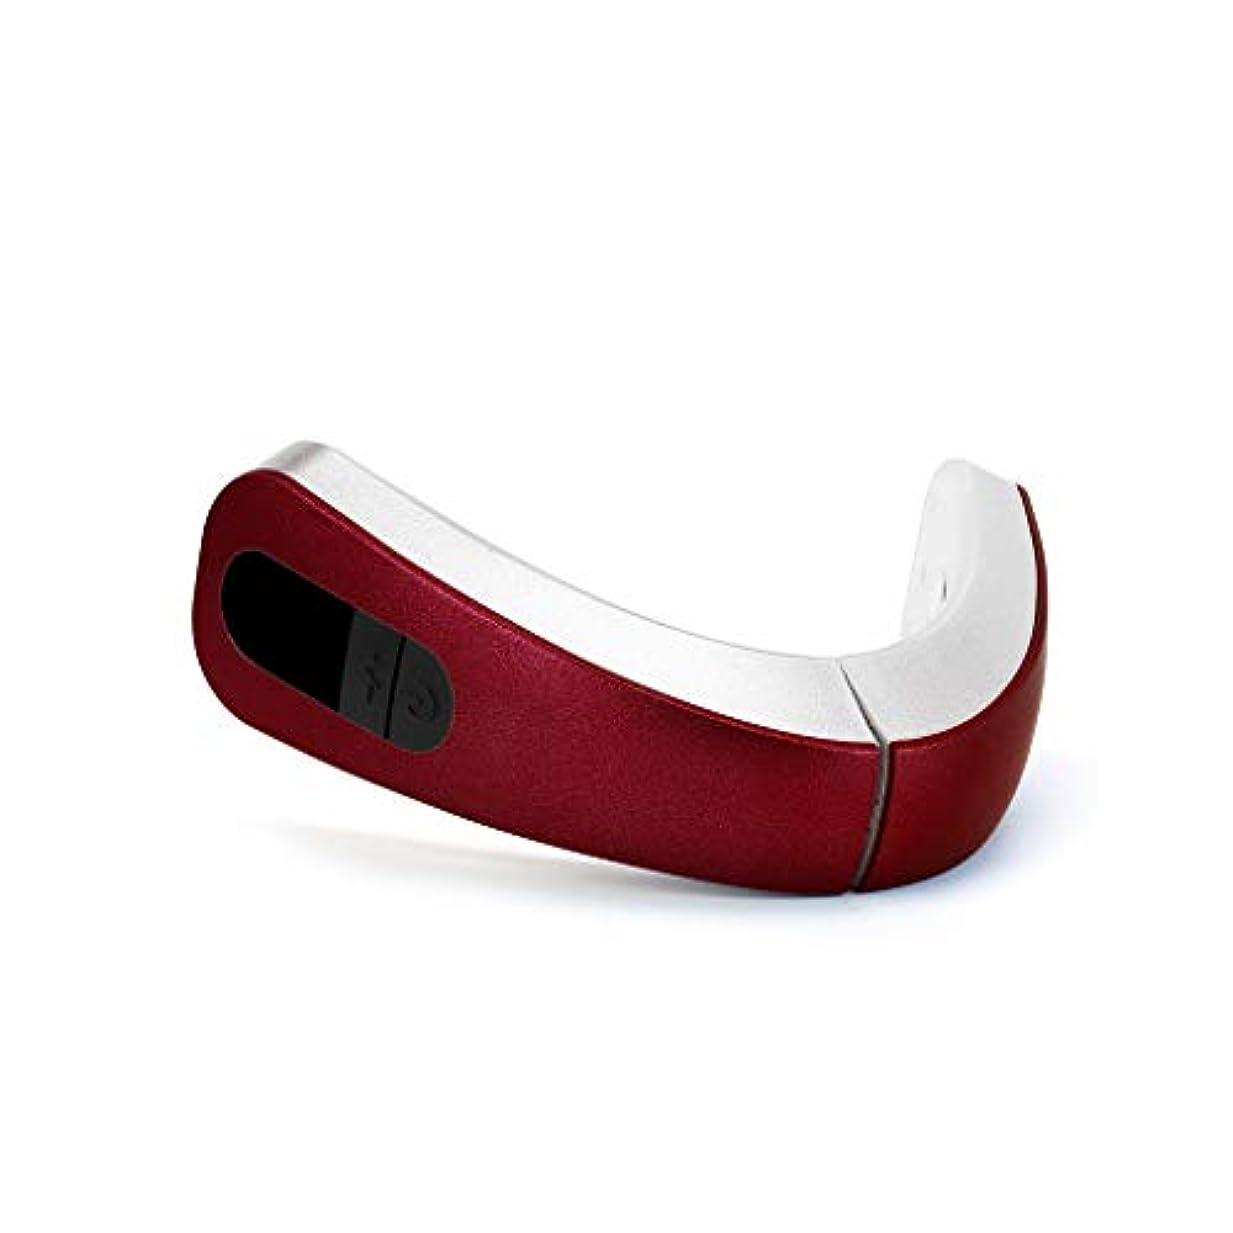 抱擁プライバシー前書きリフティングフェイシャル、電気マッサージ美容器具、リフティングファーミングファットディゾルビングシンフェイスシンダブルチンシンフェイス、4つのマッサージモードがあります (Color : Red)